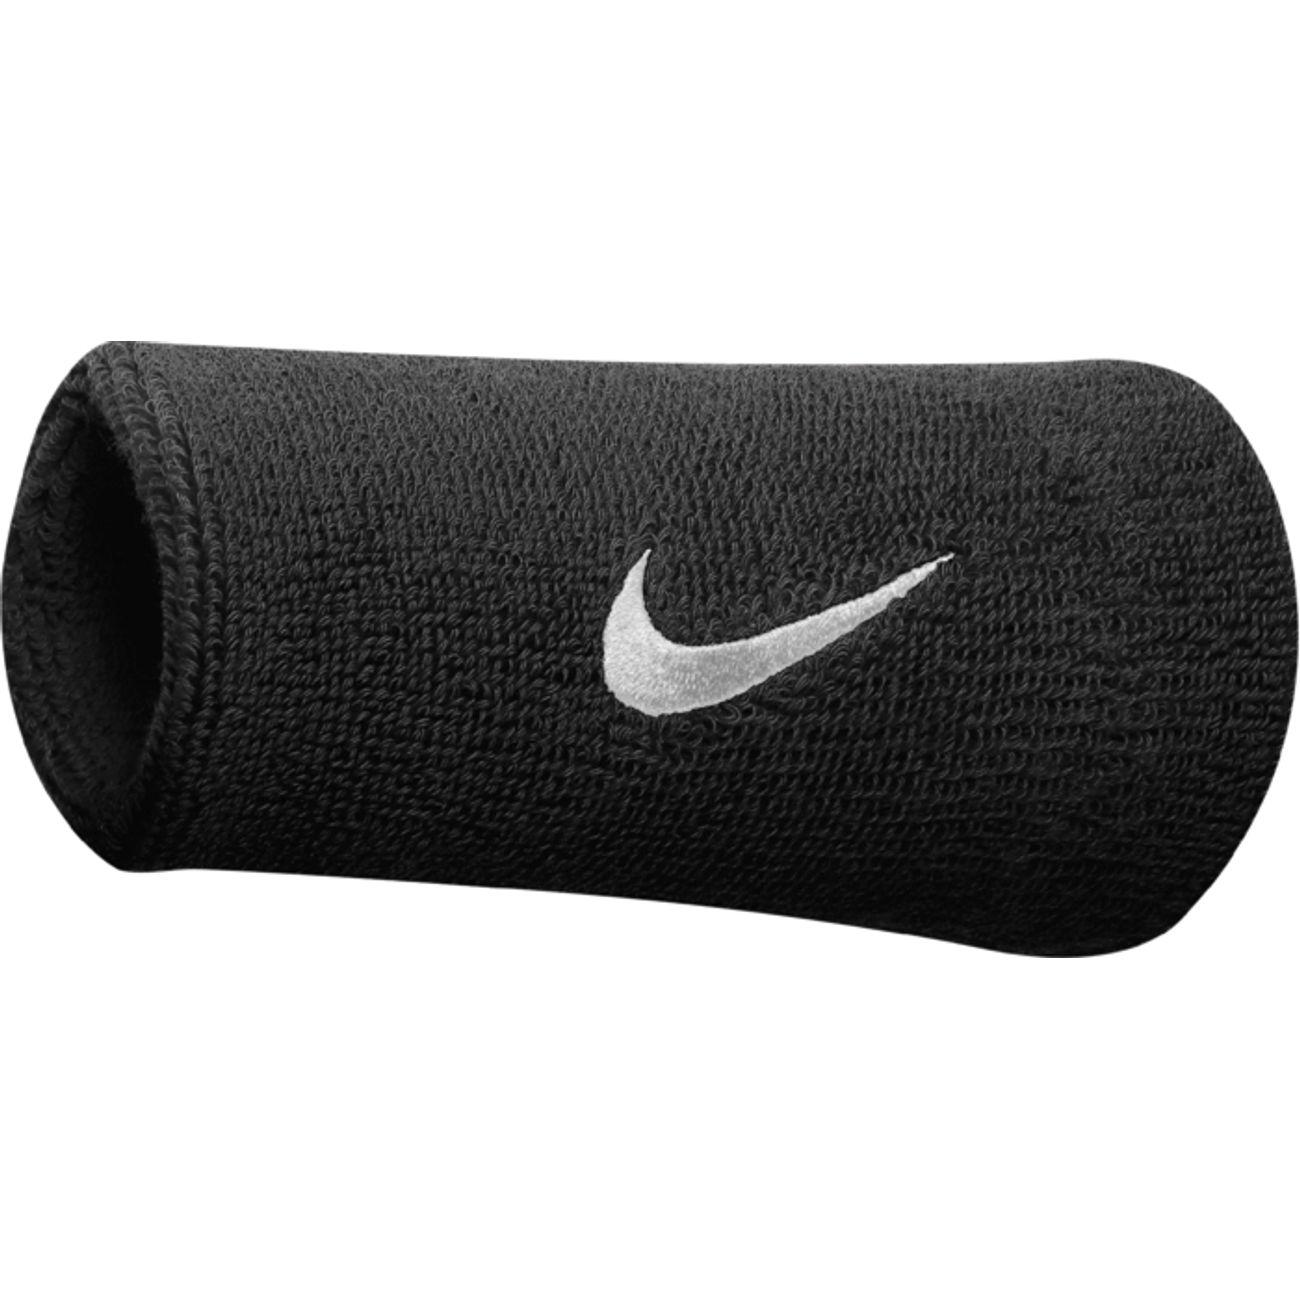 Bandeau Nike Poignet Tennis Gm Adulte ikTOXwPuZ